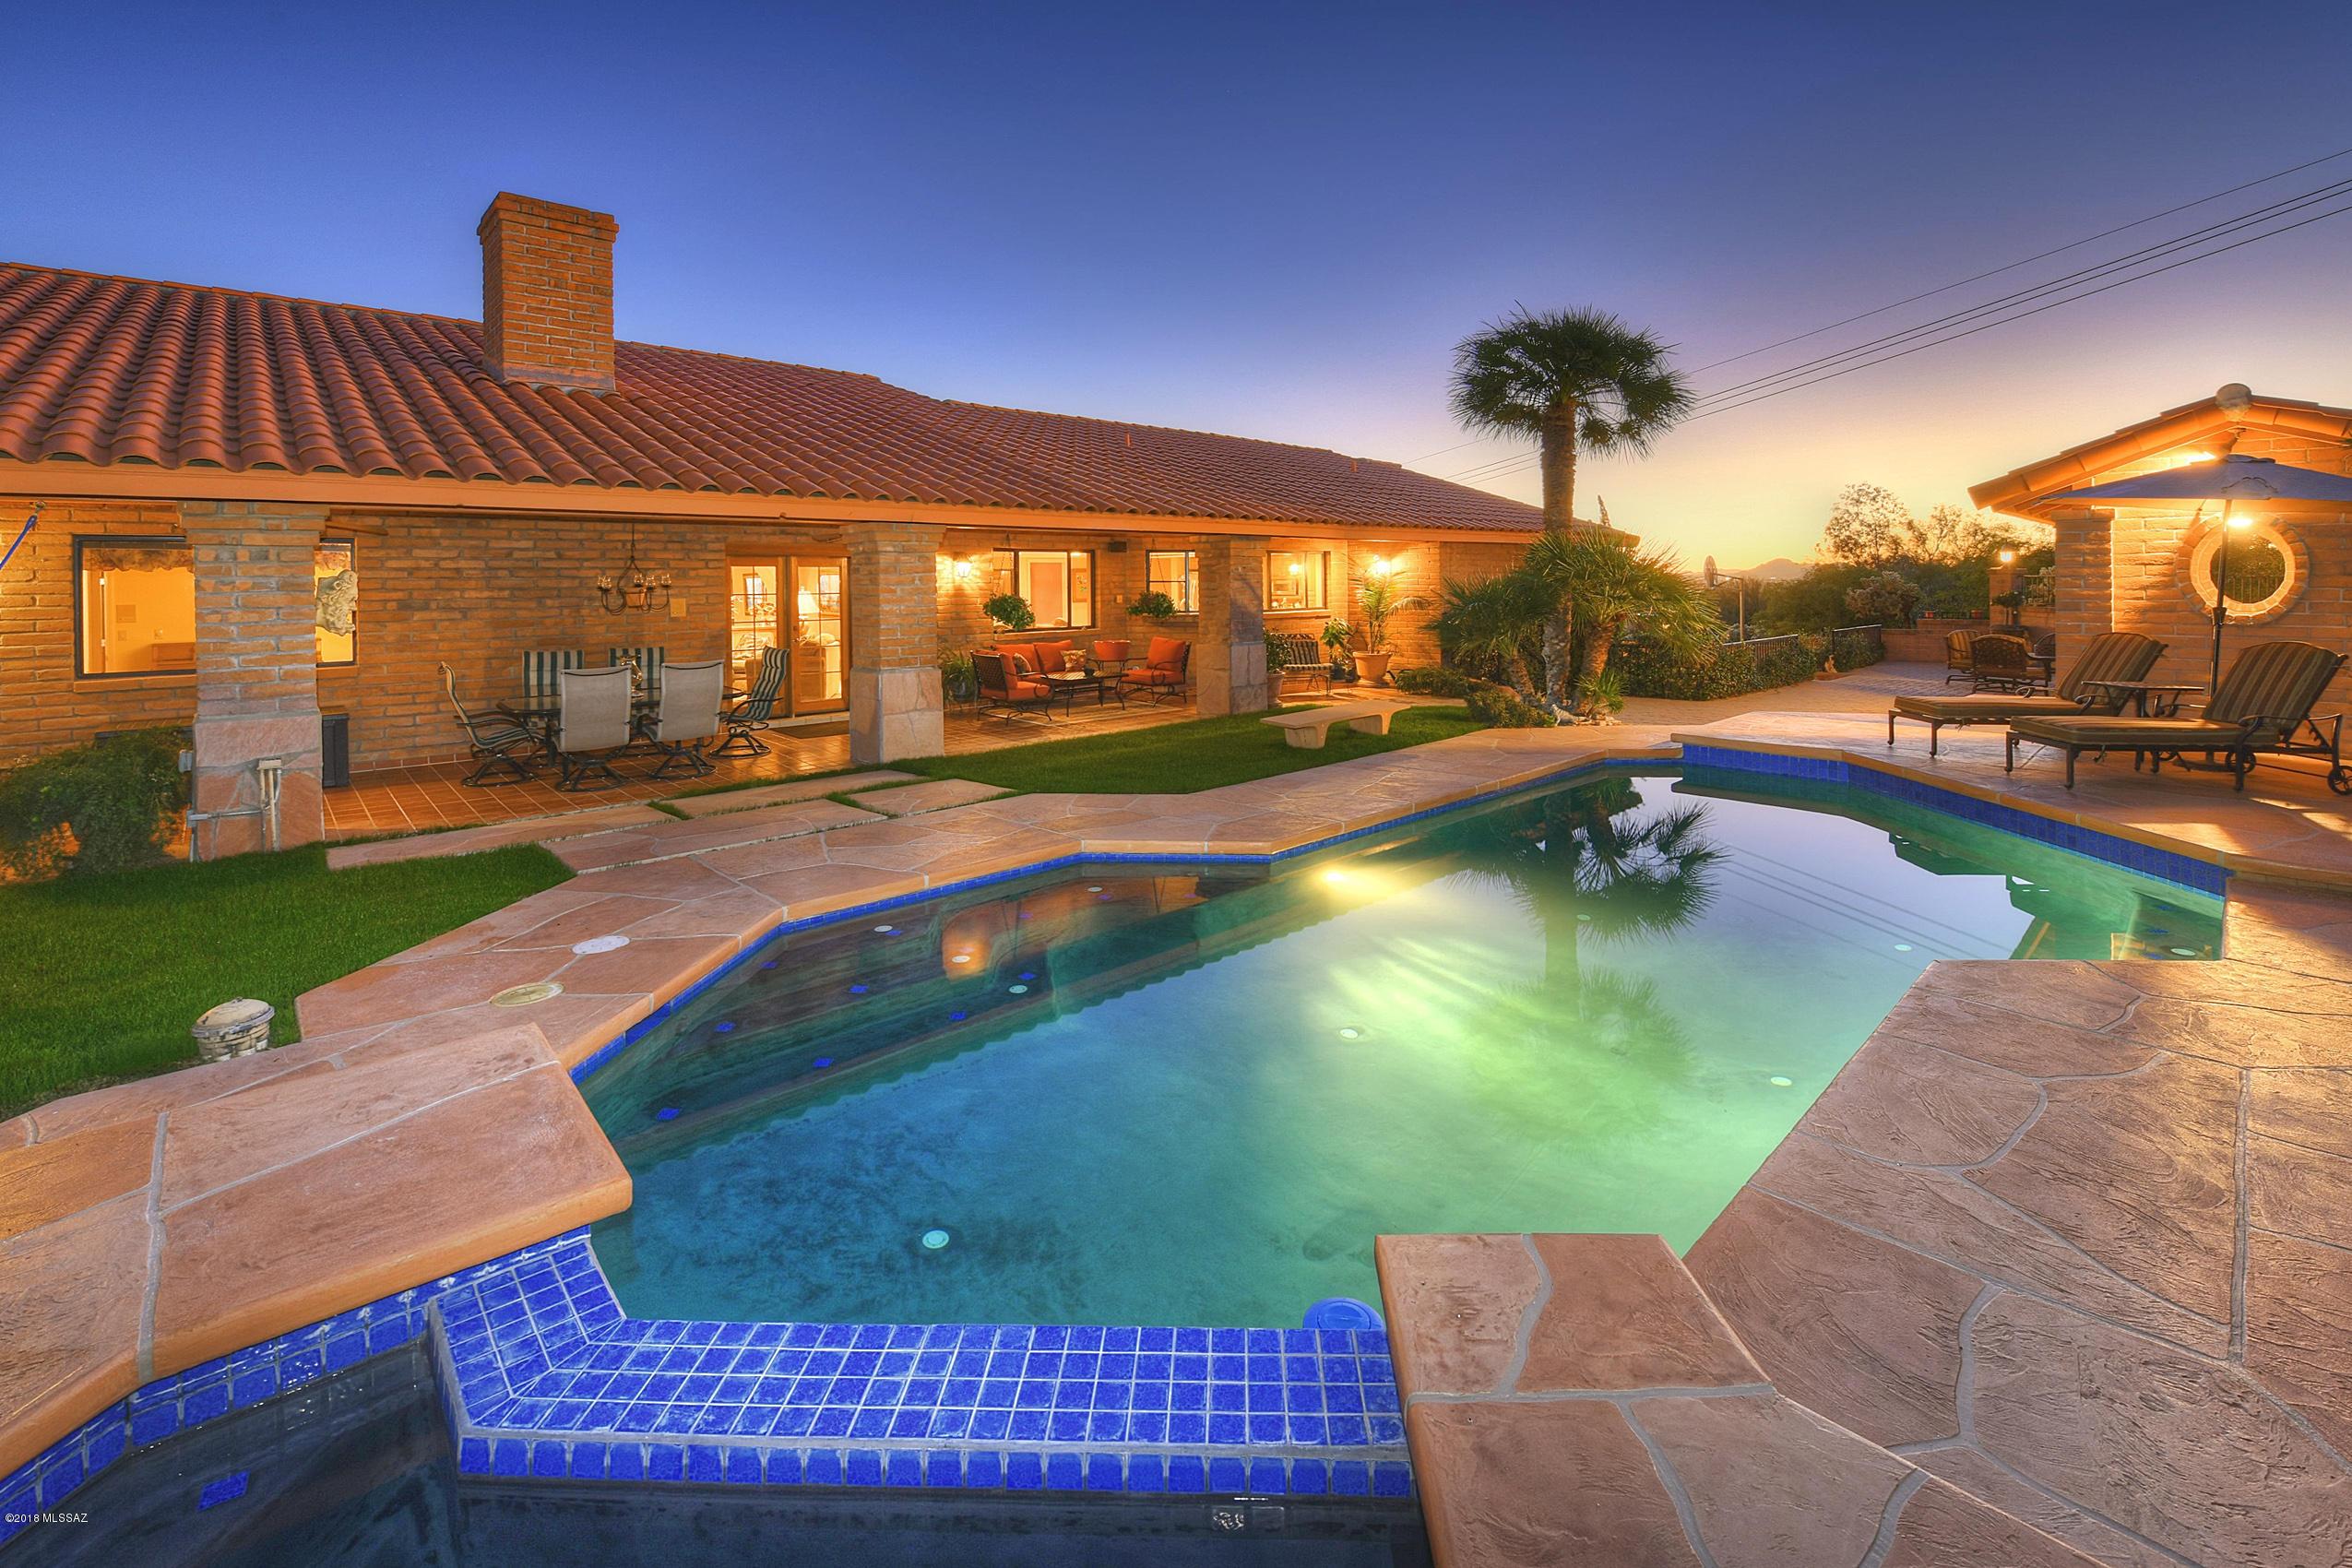 Photo of 6530 E Golden Hills Place, Tucson, AZ 85750